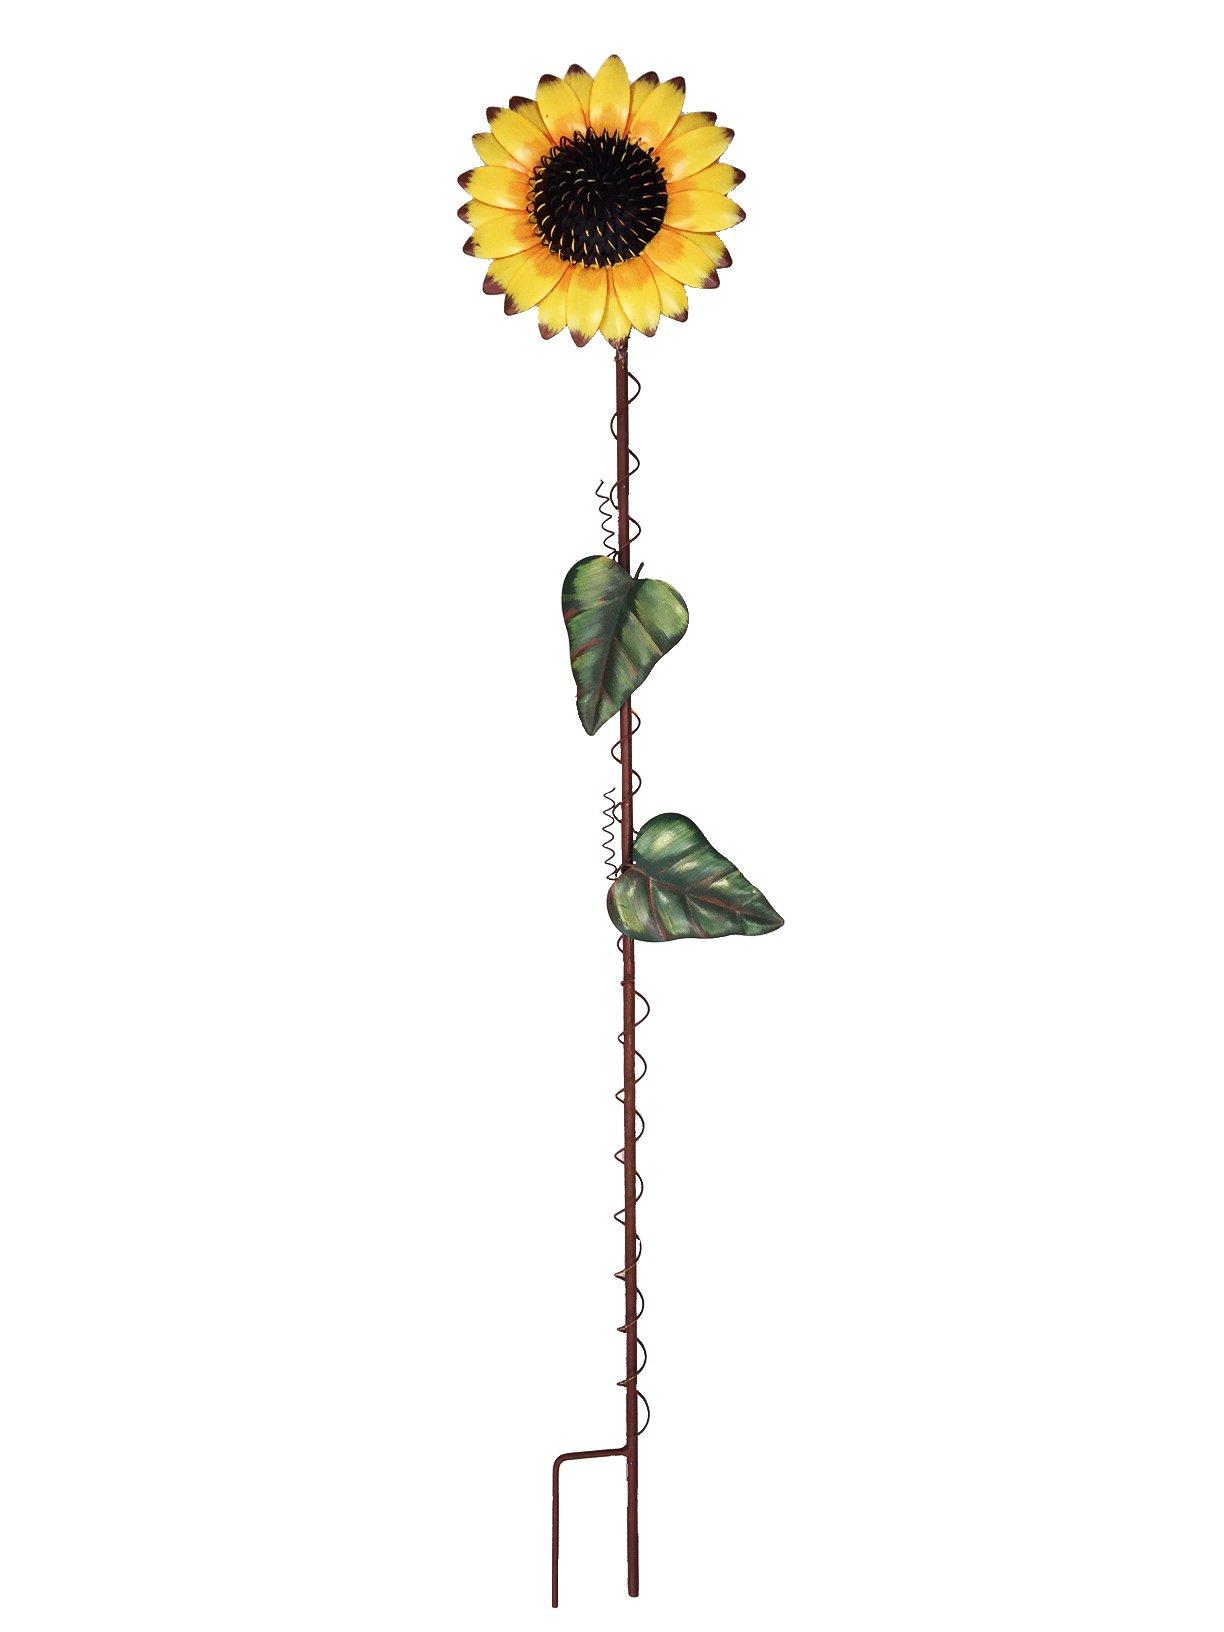 YK Decor Metal Garden Sunflower Stake, 39-Inch